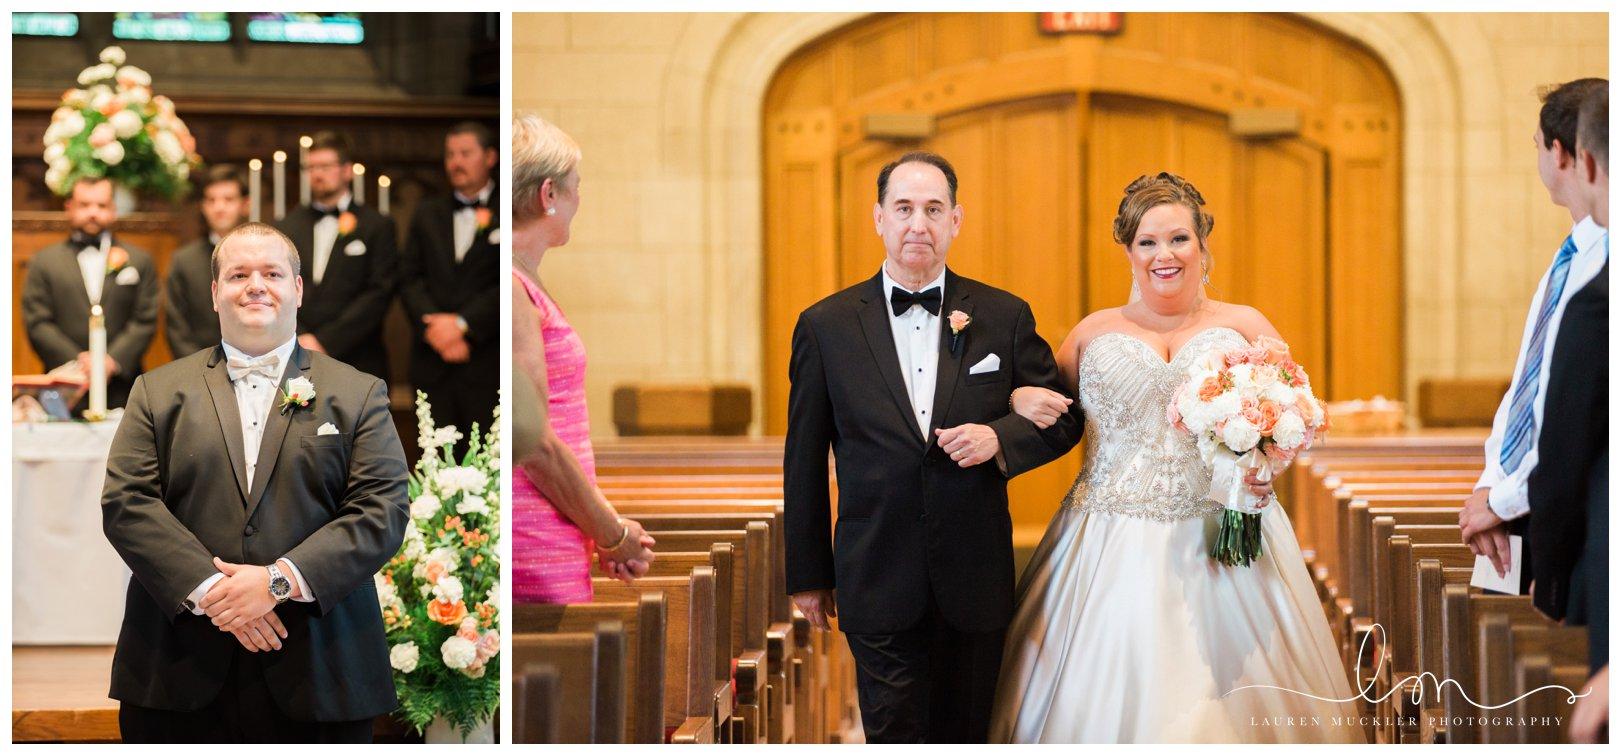 lauren muckler photography_fine art film wedding photography_st louis_photography_0620.jpg